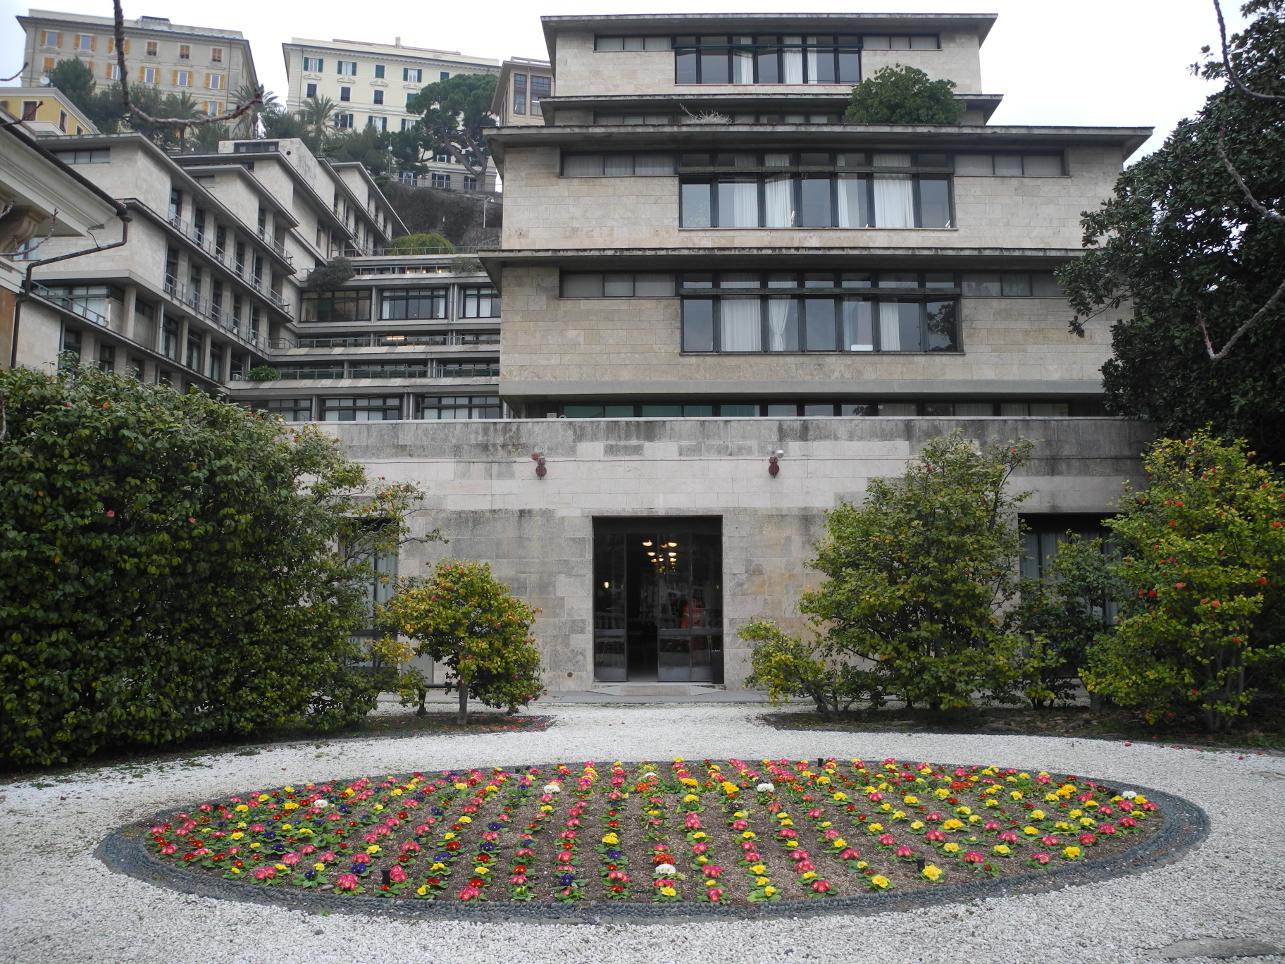 ampliamento uffici comunali (municipio) - Genova (GE)